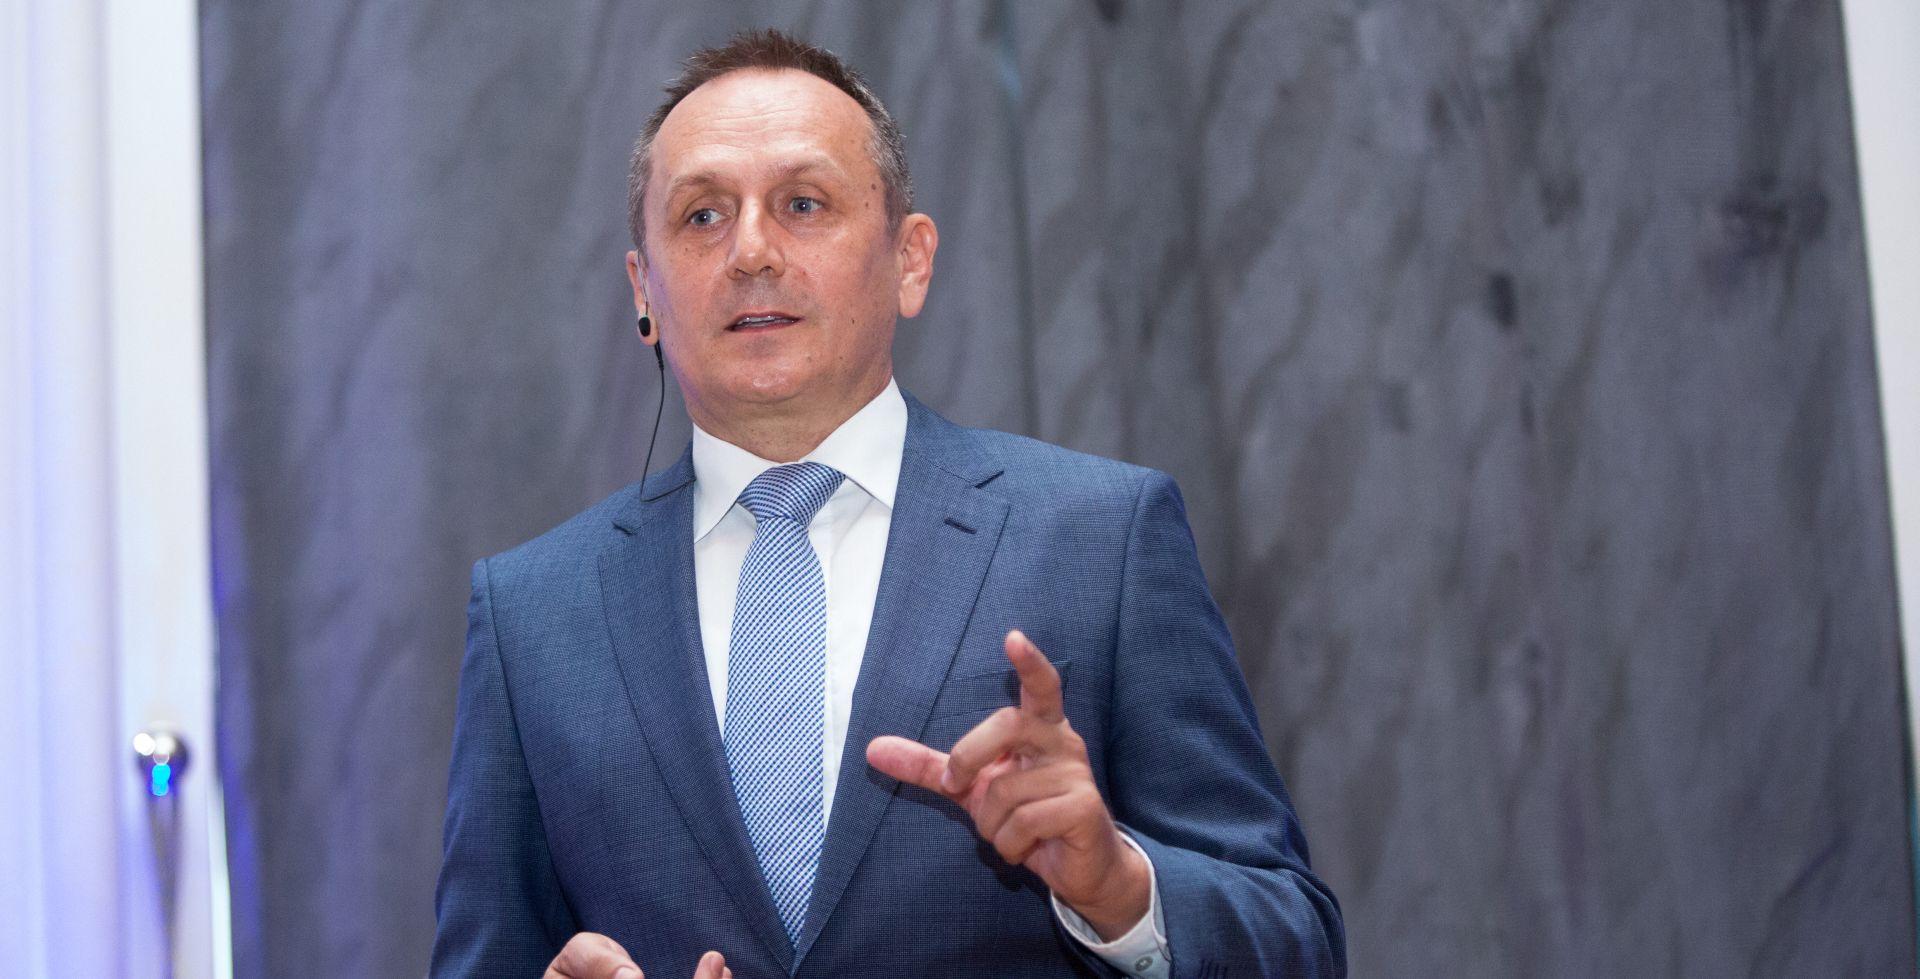 Zagrebački HDZ surađivat će s Bandićem, ime Trg maršala Tita treba se promijeniti